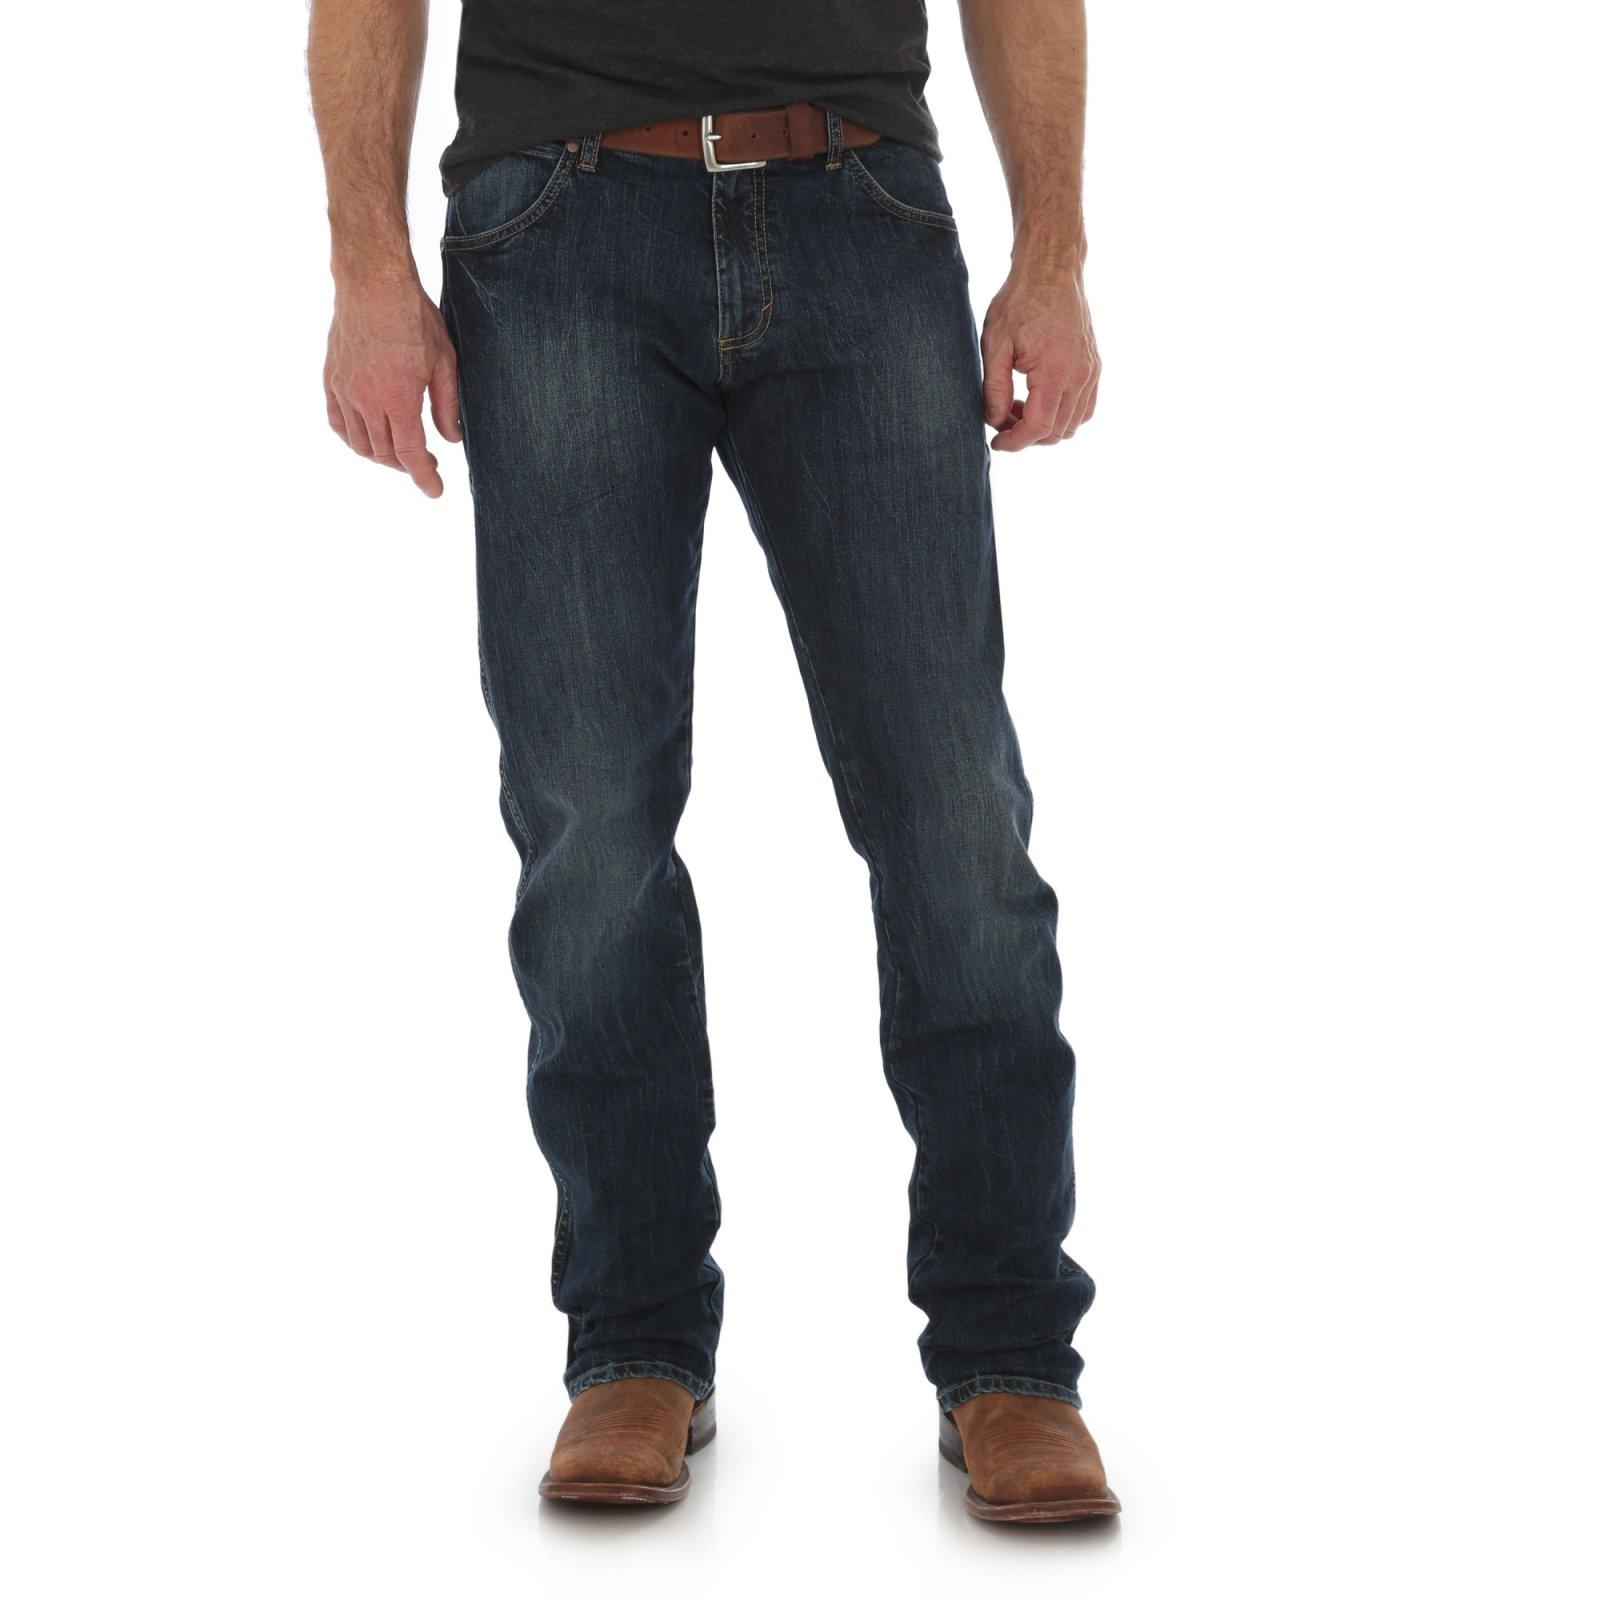 Men's Retro Slim Straight Jean from Wrangler - Oldham